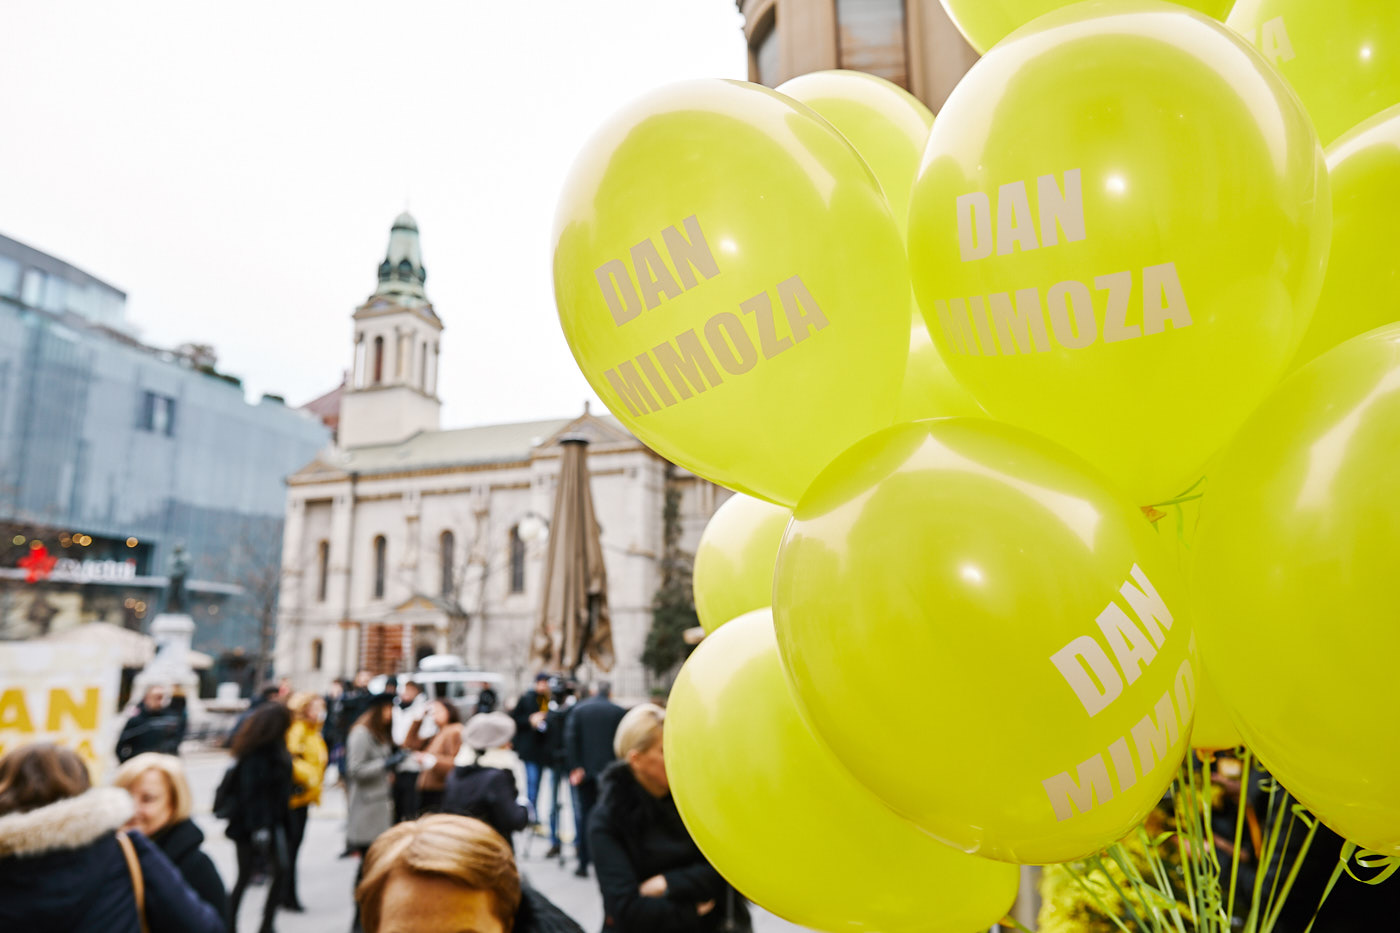 Građani će se moći educirati na ovogodišnjem Danu mimoza i Nacionalnom danu borbe protiv raka vrata maternice koji nas očekuje ove subote, 25. siječnja od 10 do 14 sati na zagrebačkom Cvjetnom trgu.